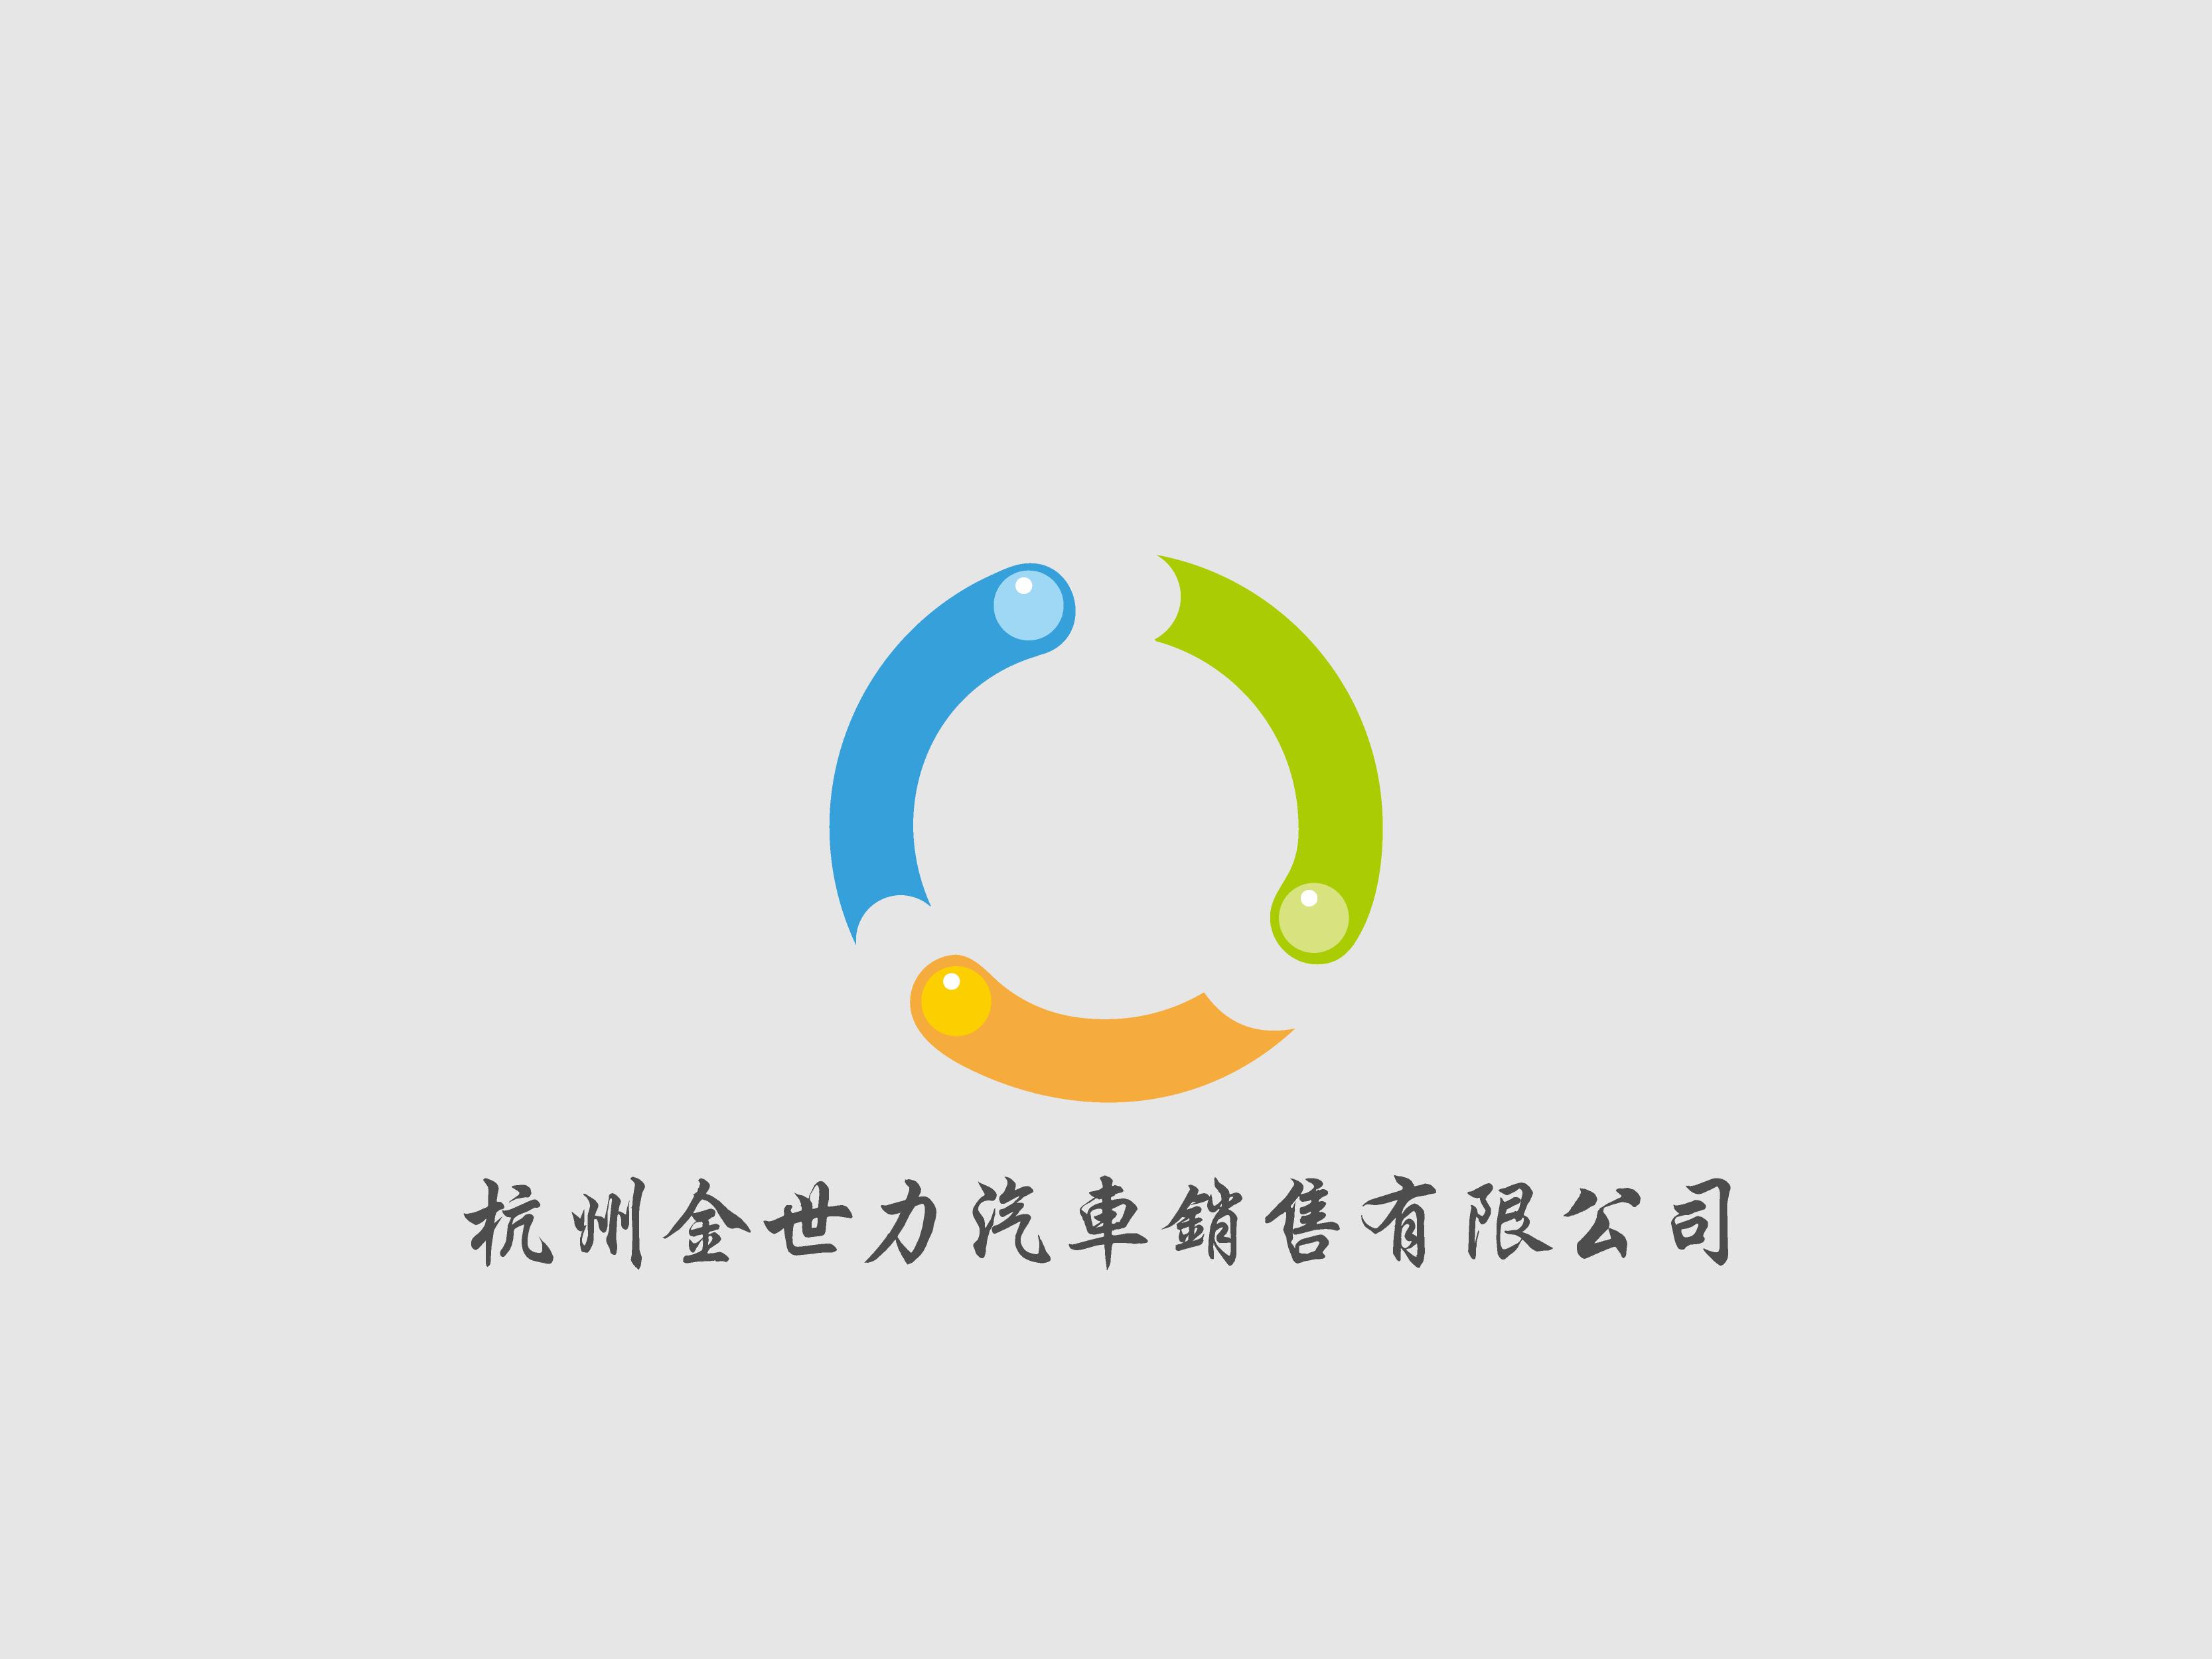 公司商标和logo设计